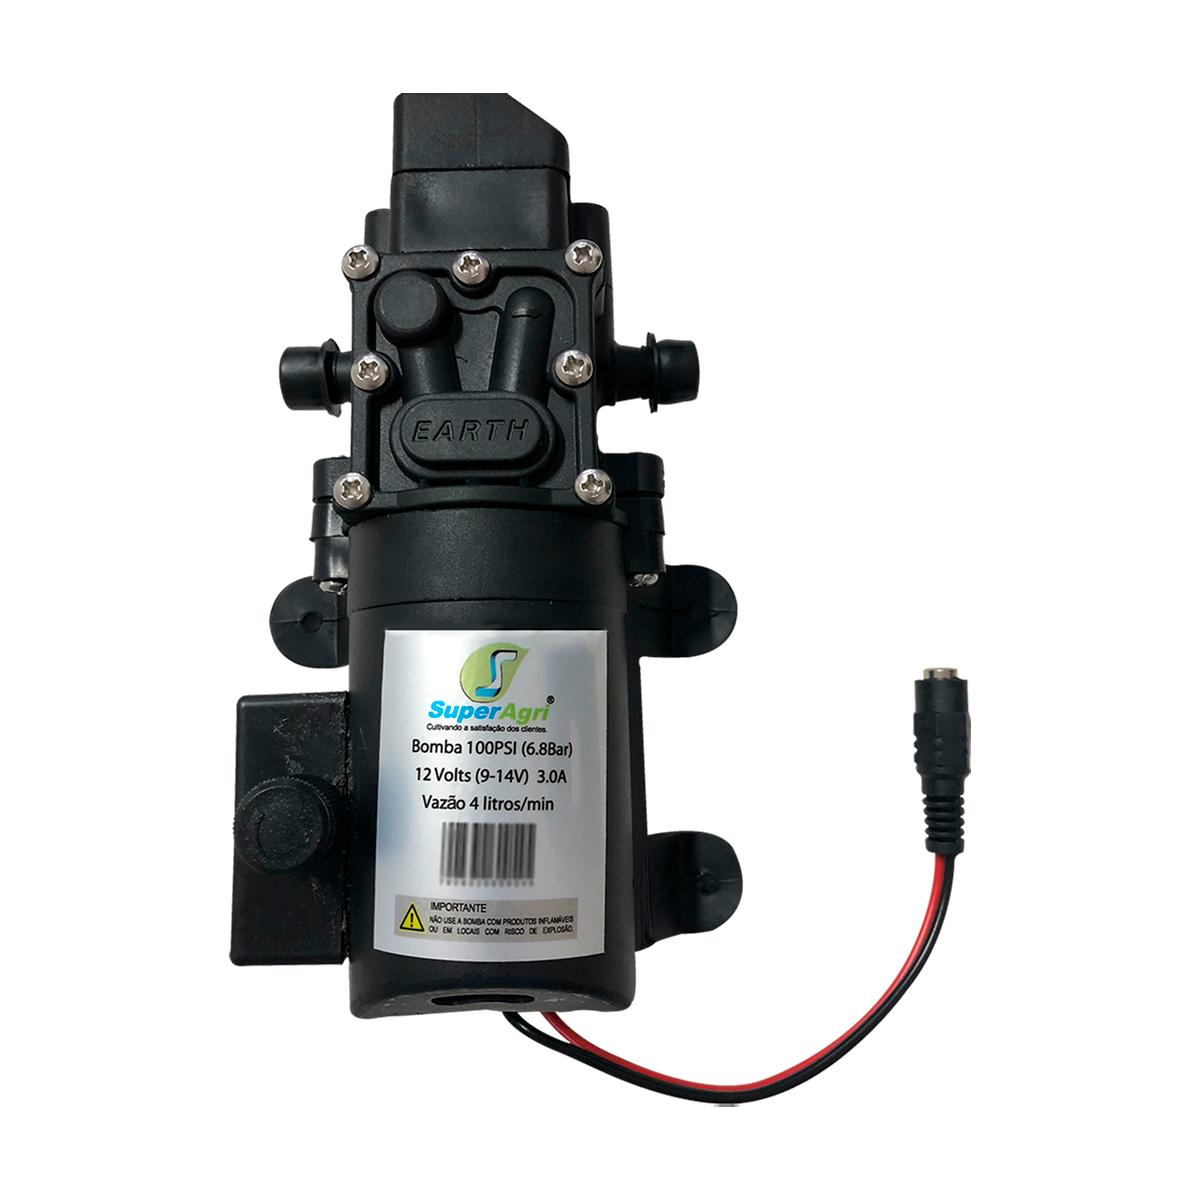 Bomba 100Psi + Fonte + Plug + Controle Pressão + Lança + Gatilho + Mangueira